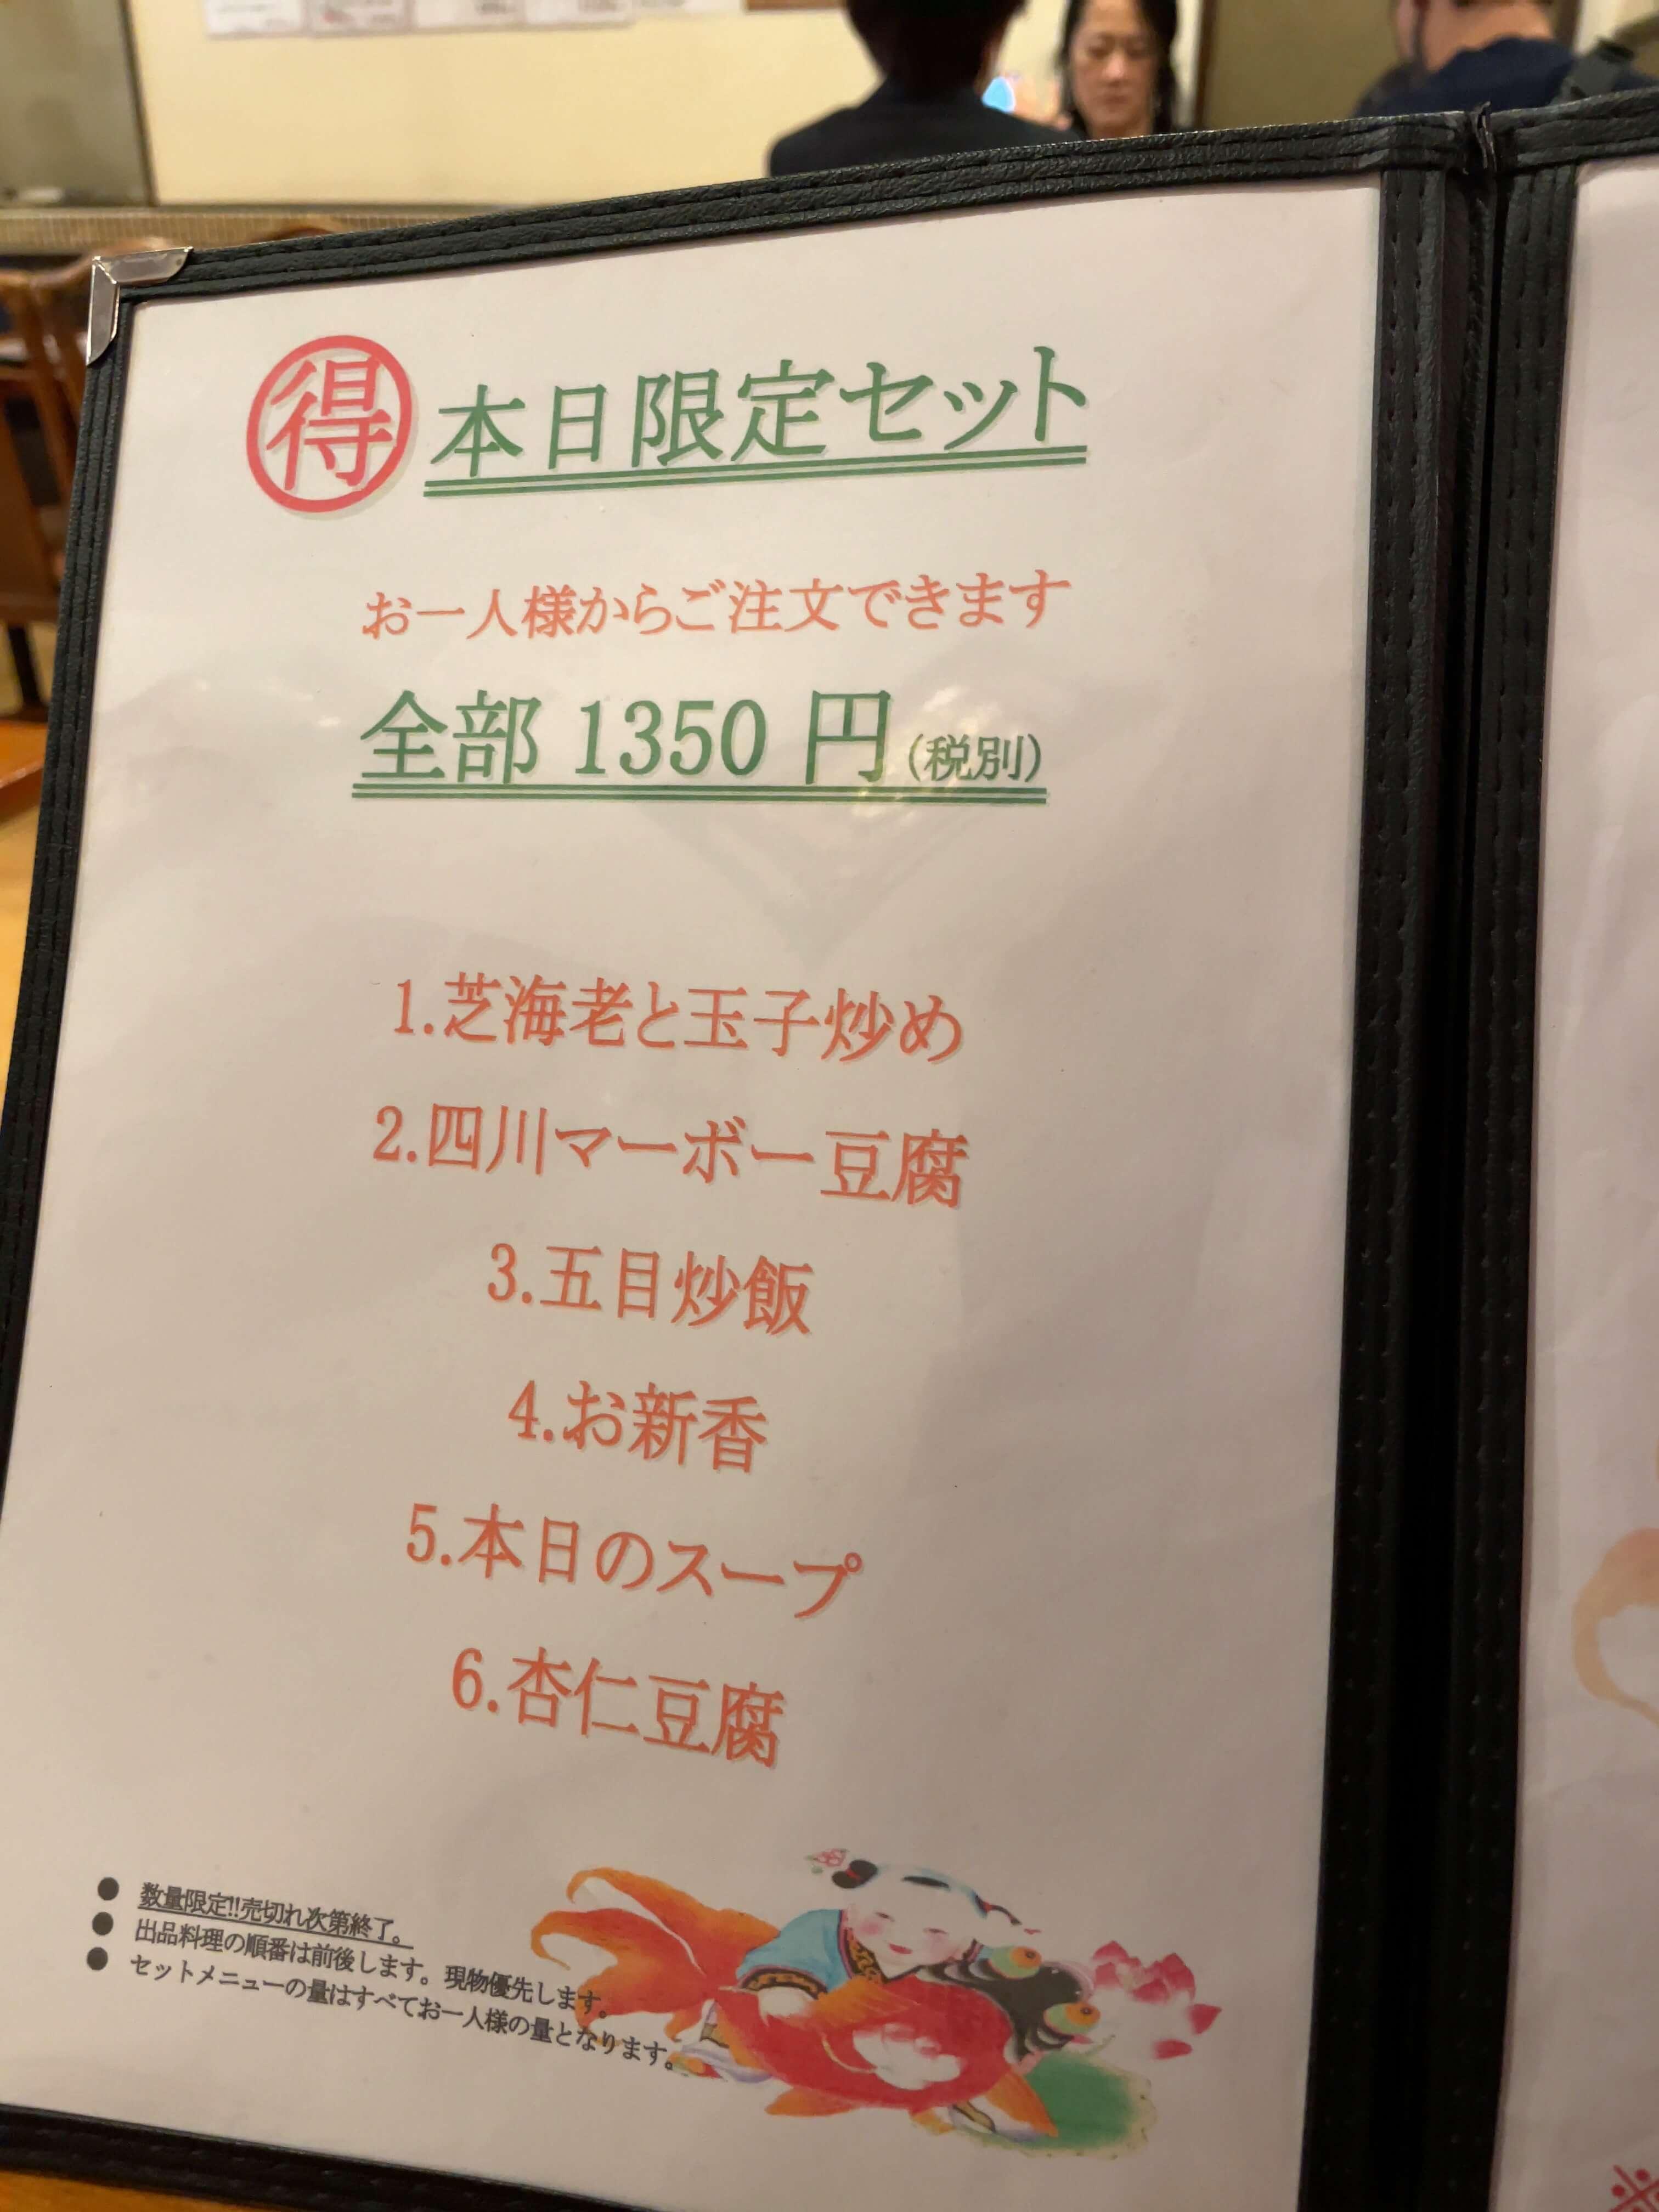 蓮香園メニュー 2021.04.01